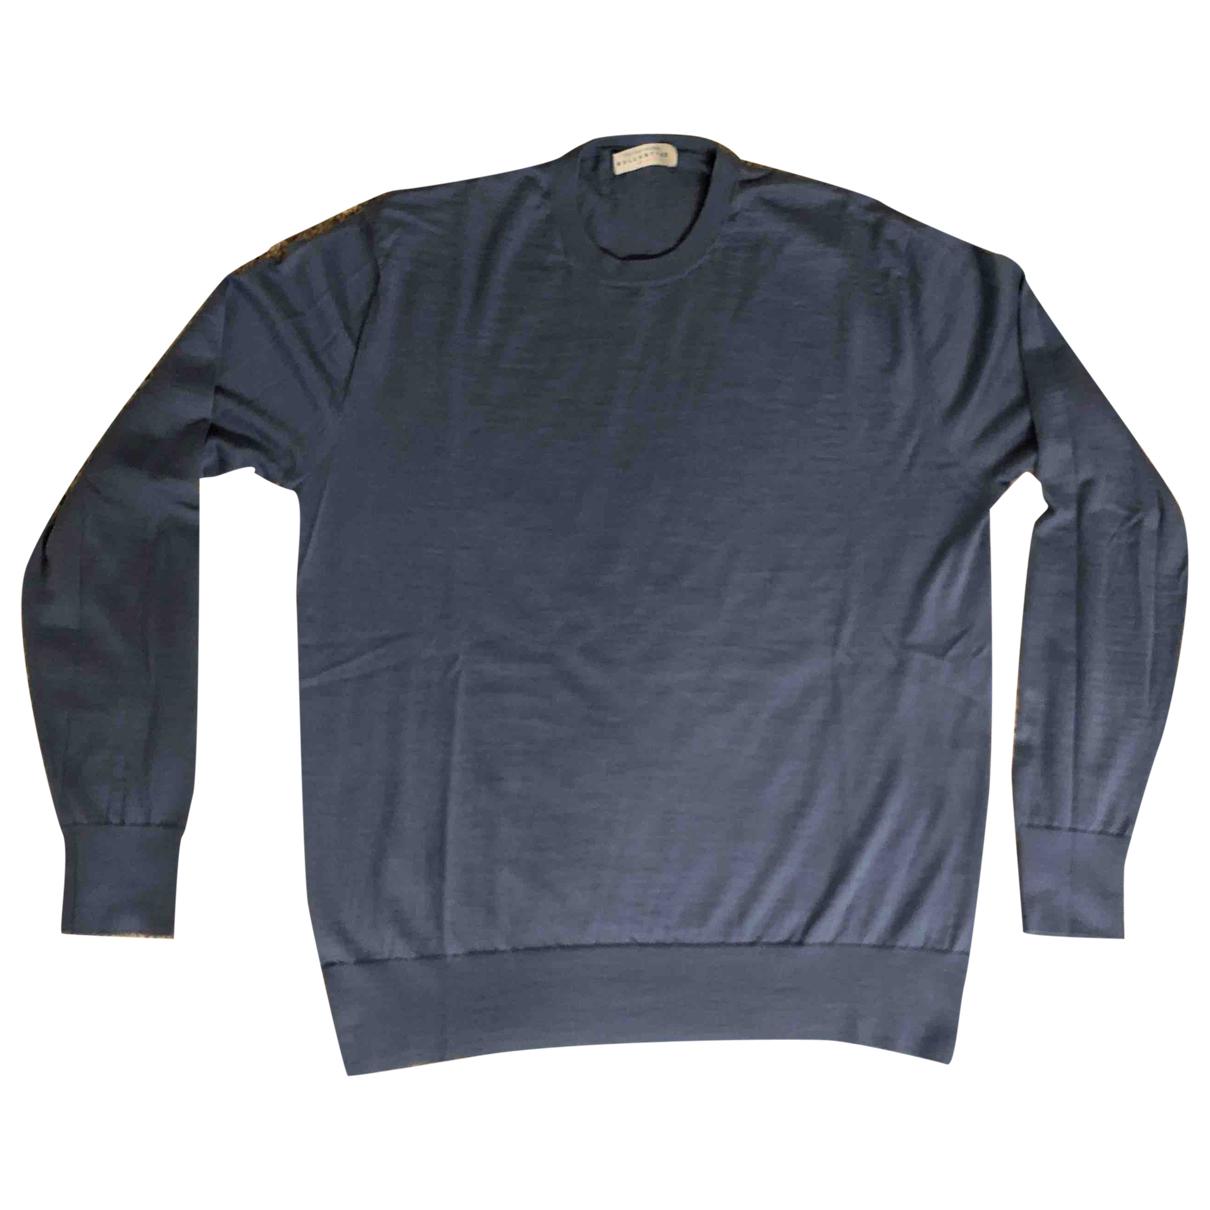 Ballantyne N Turquoise Cashmere Knitwear & Sweatshirts for Men 54 IT